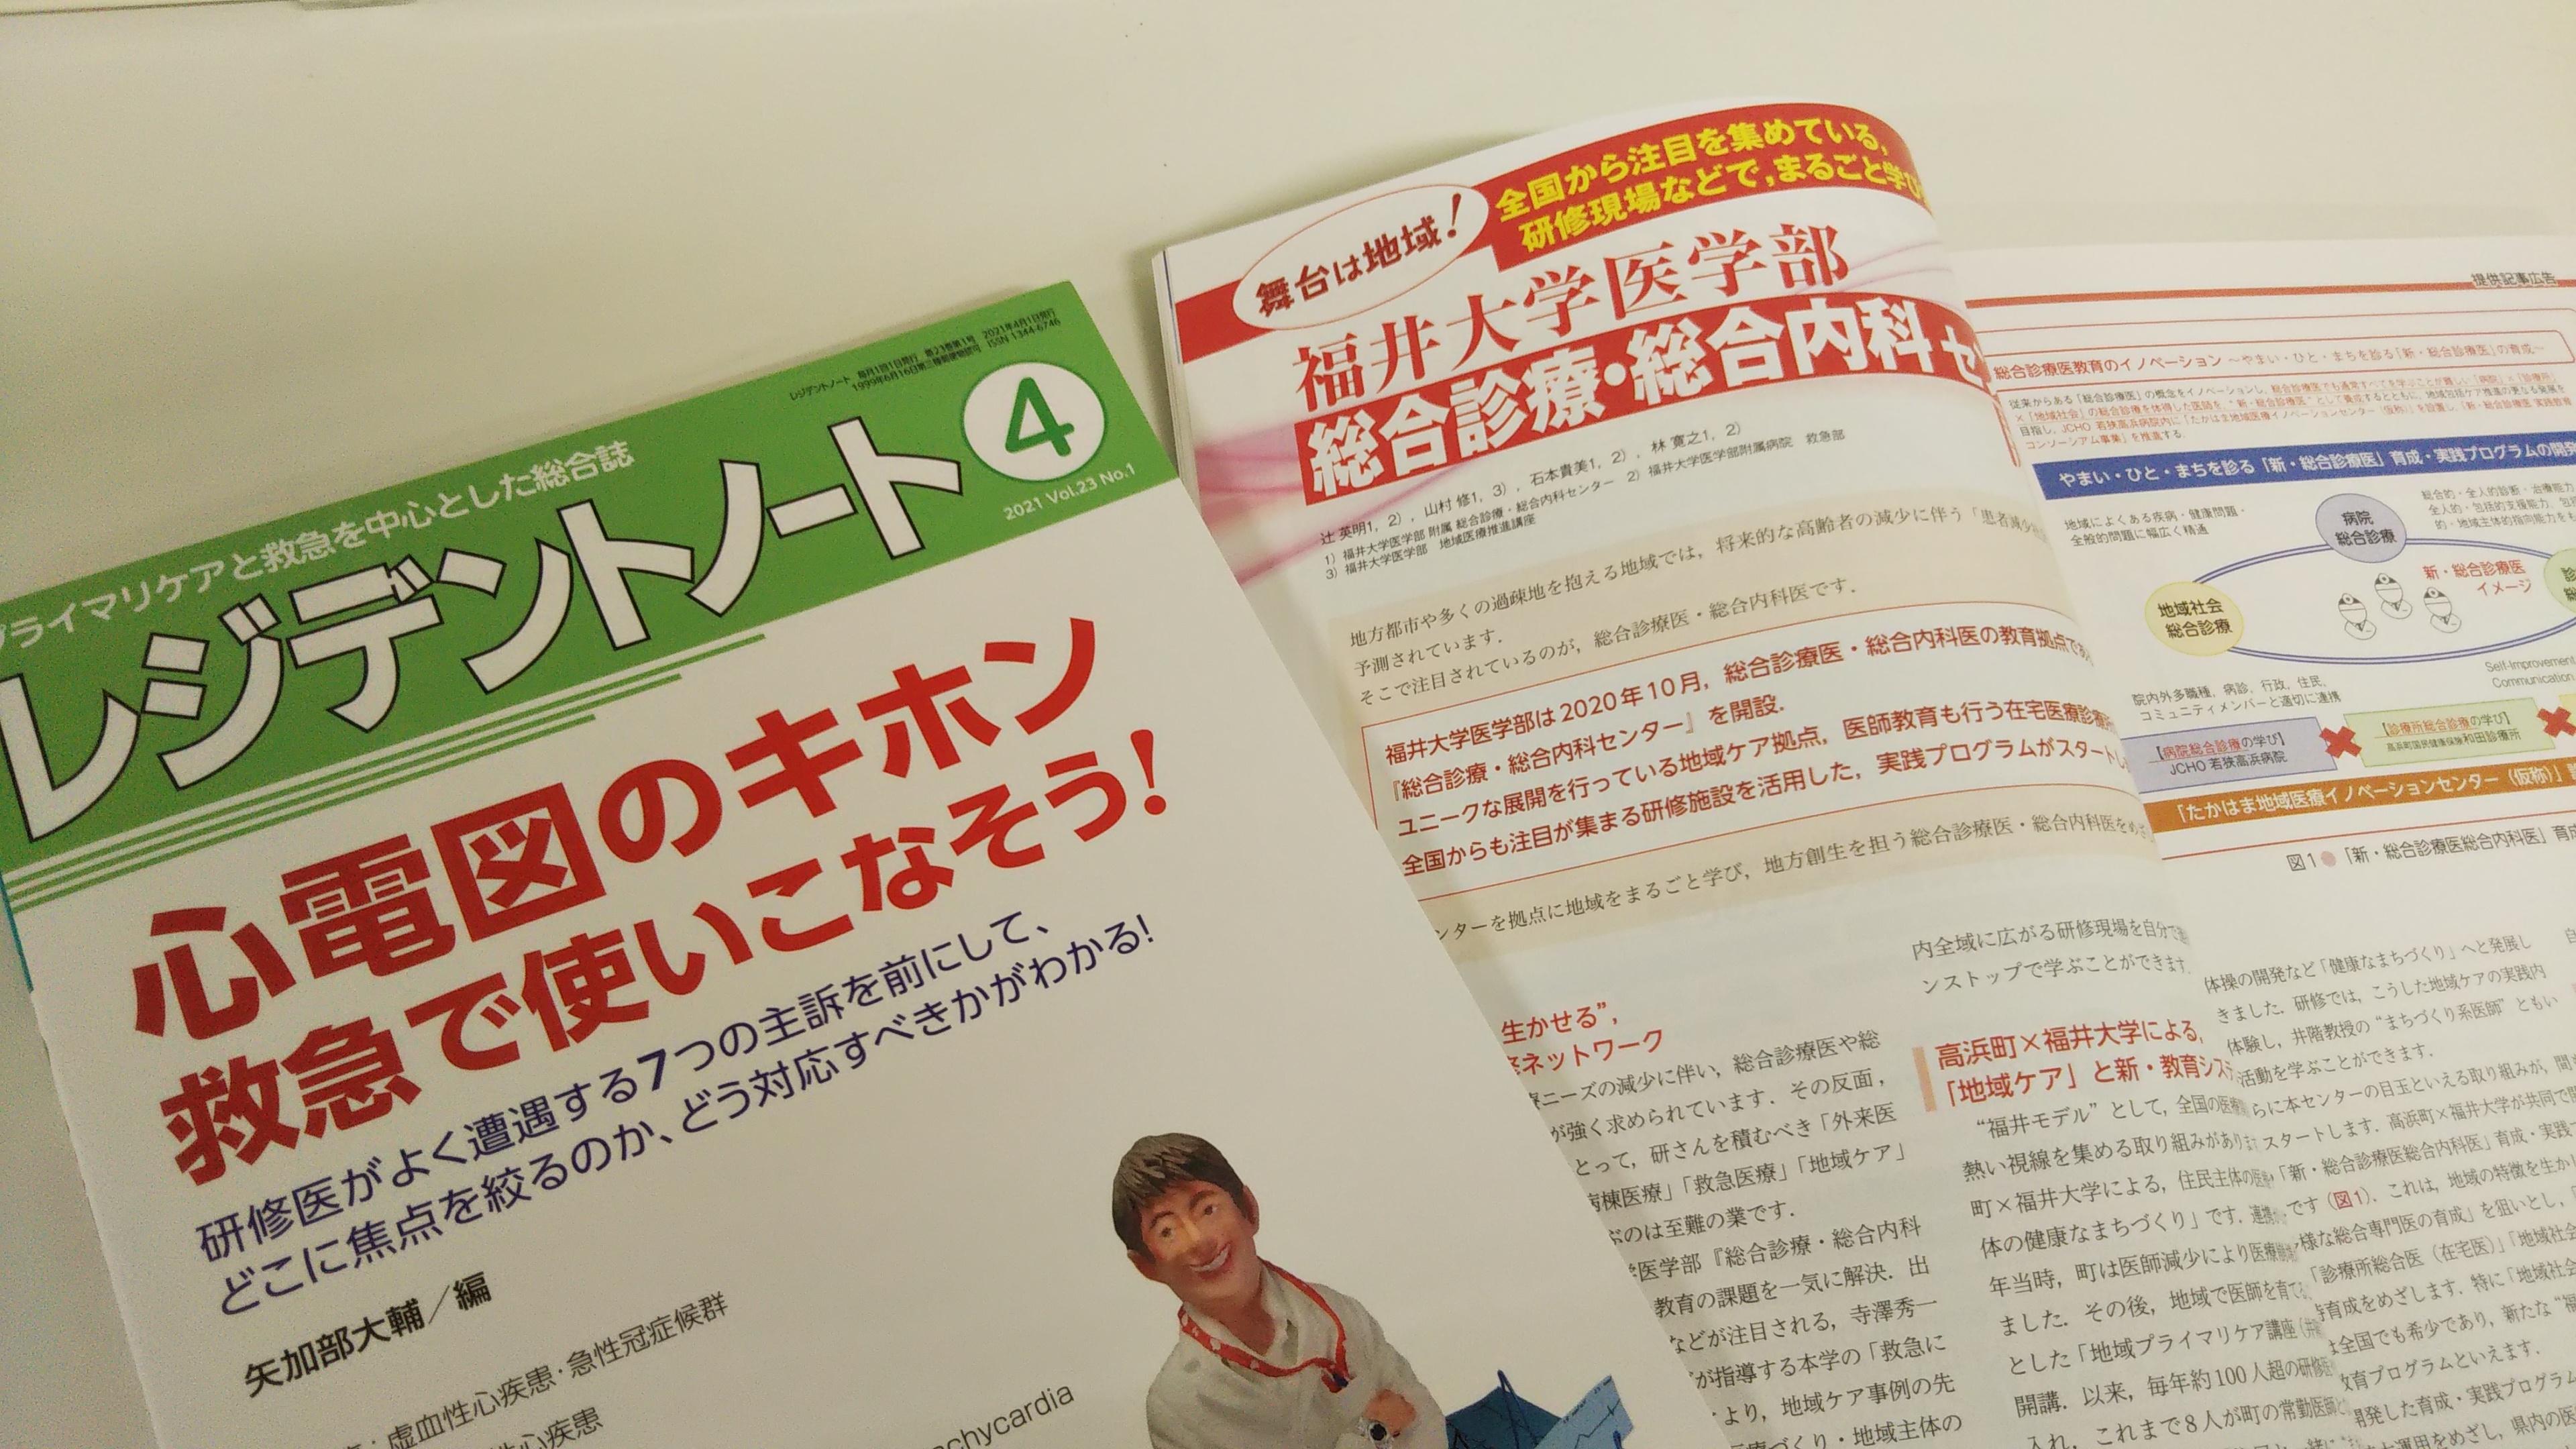 総合誌「レジデントノート」最新号にGGGセンターの紹介記事が載りました!